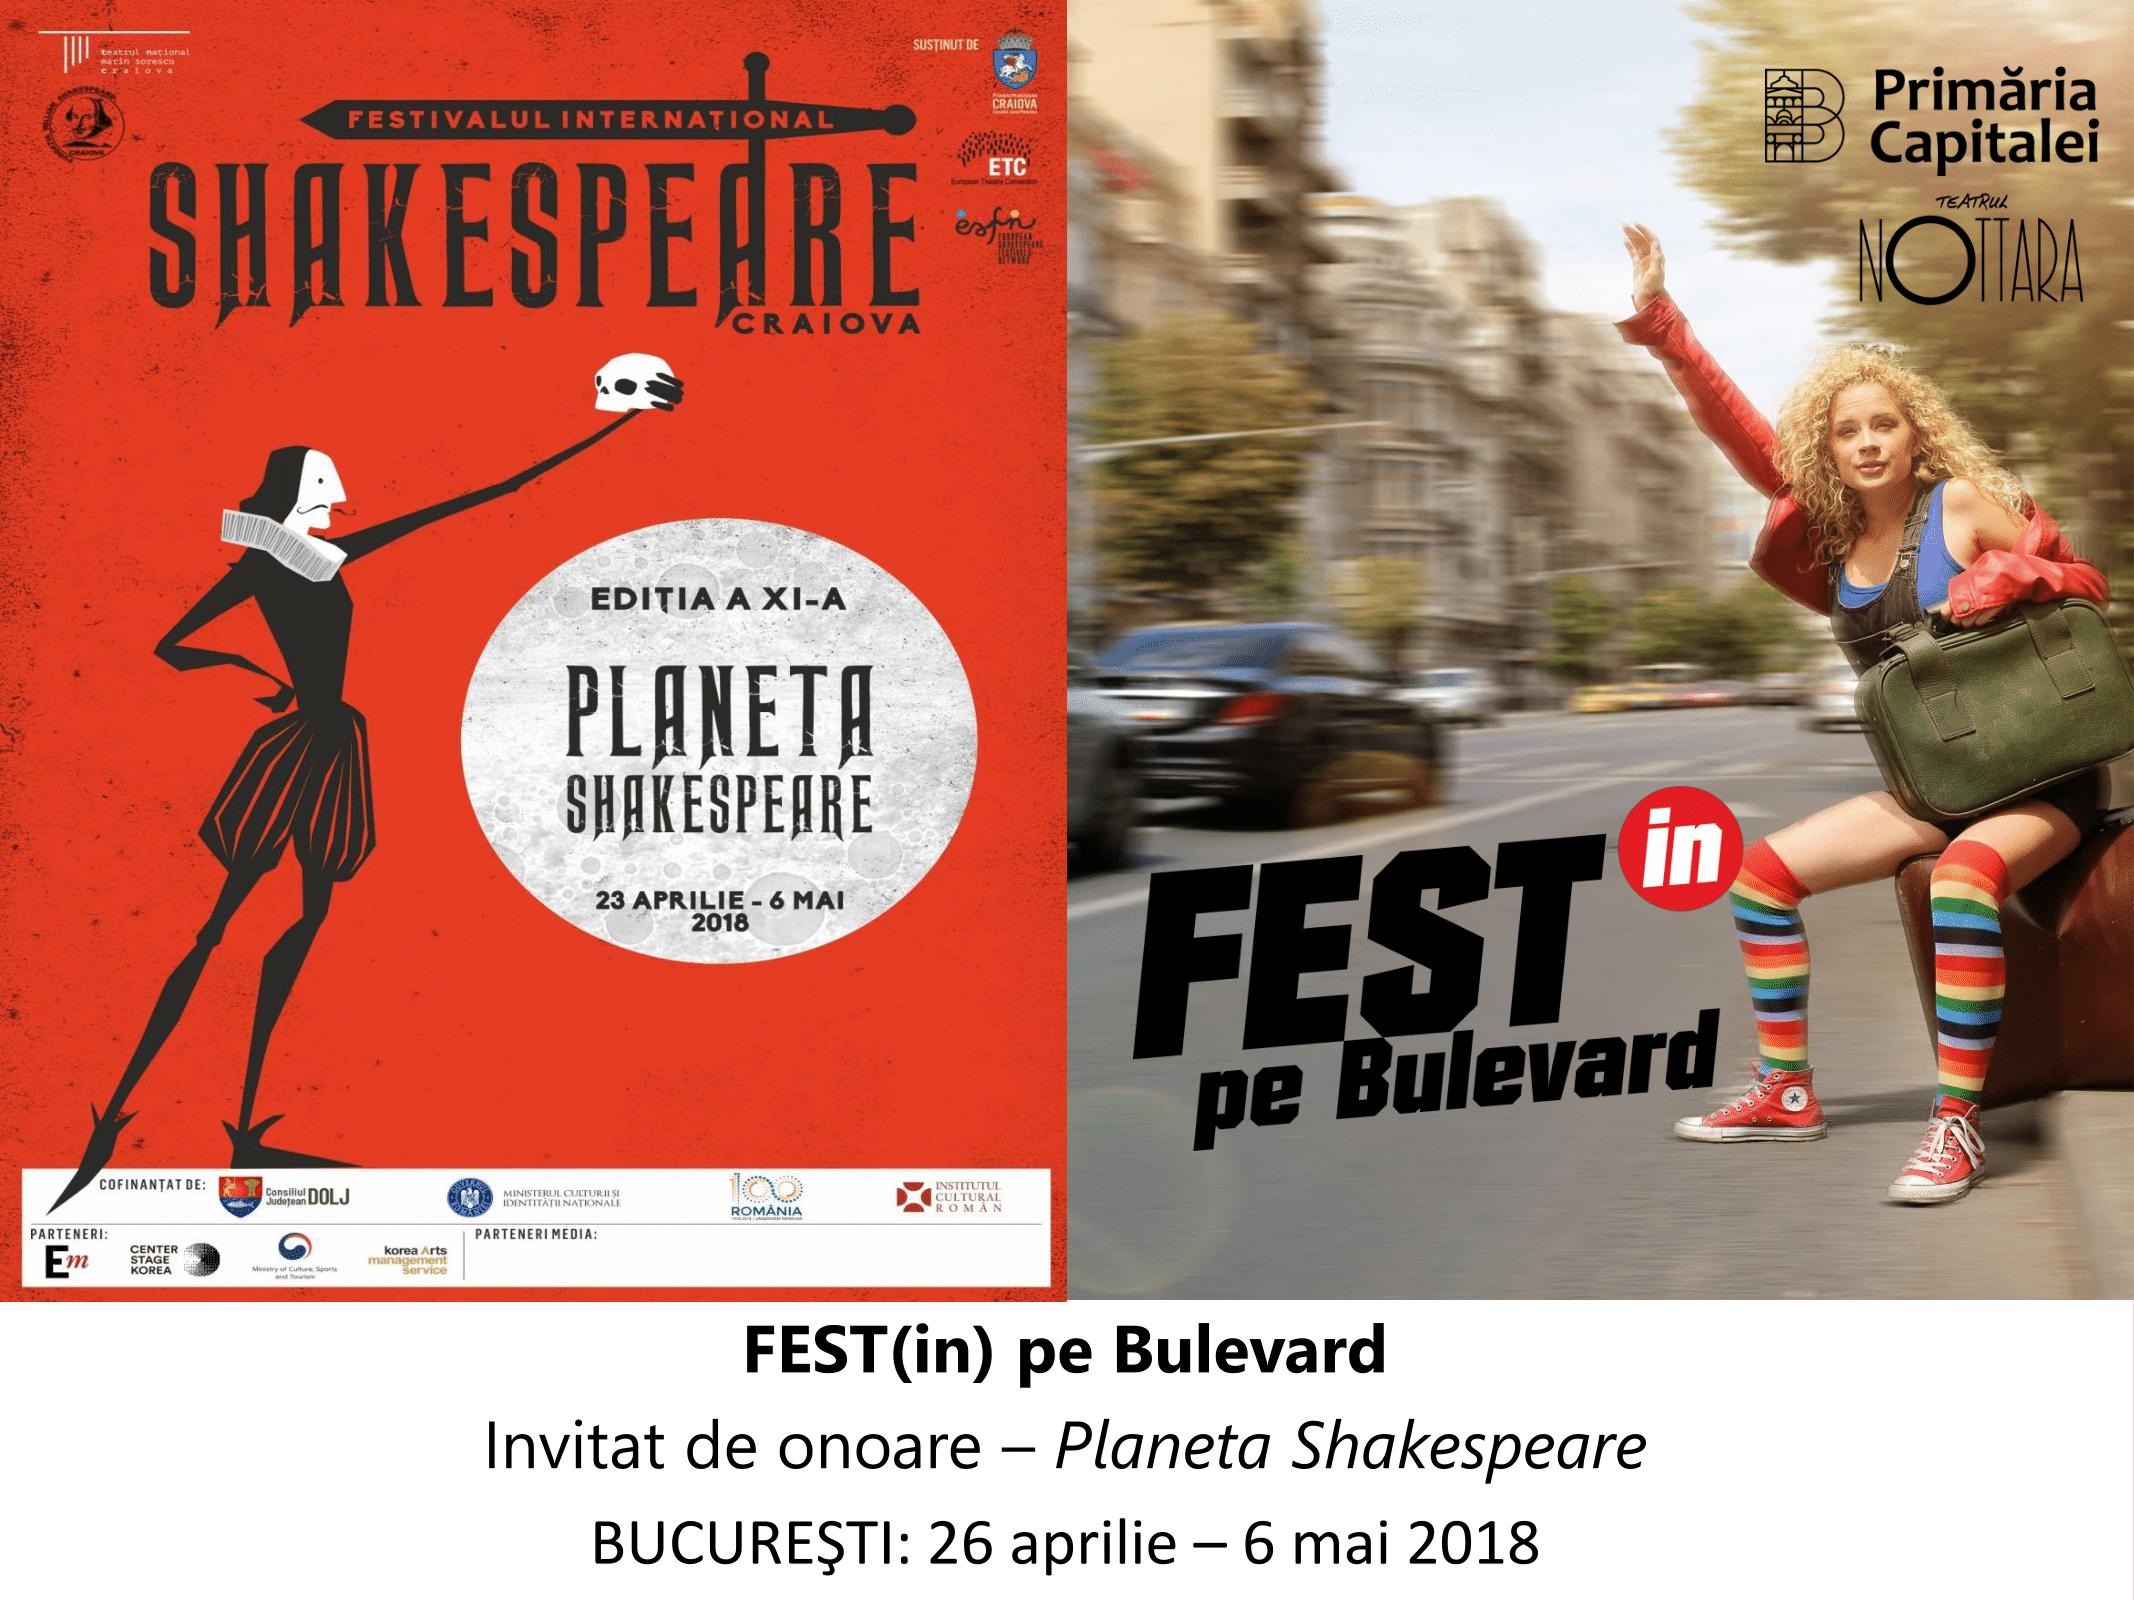 Festivalul Internațional de Teatru – Fest(in) pe Bulevard 2018